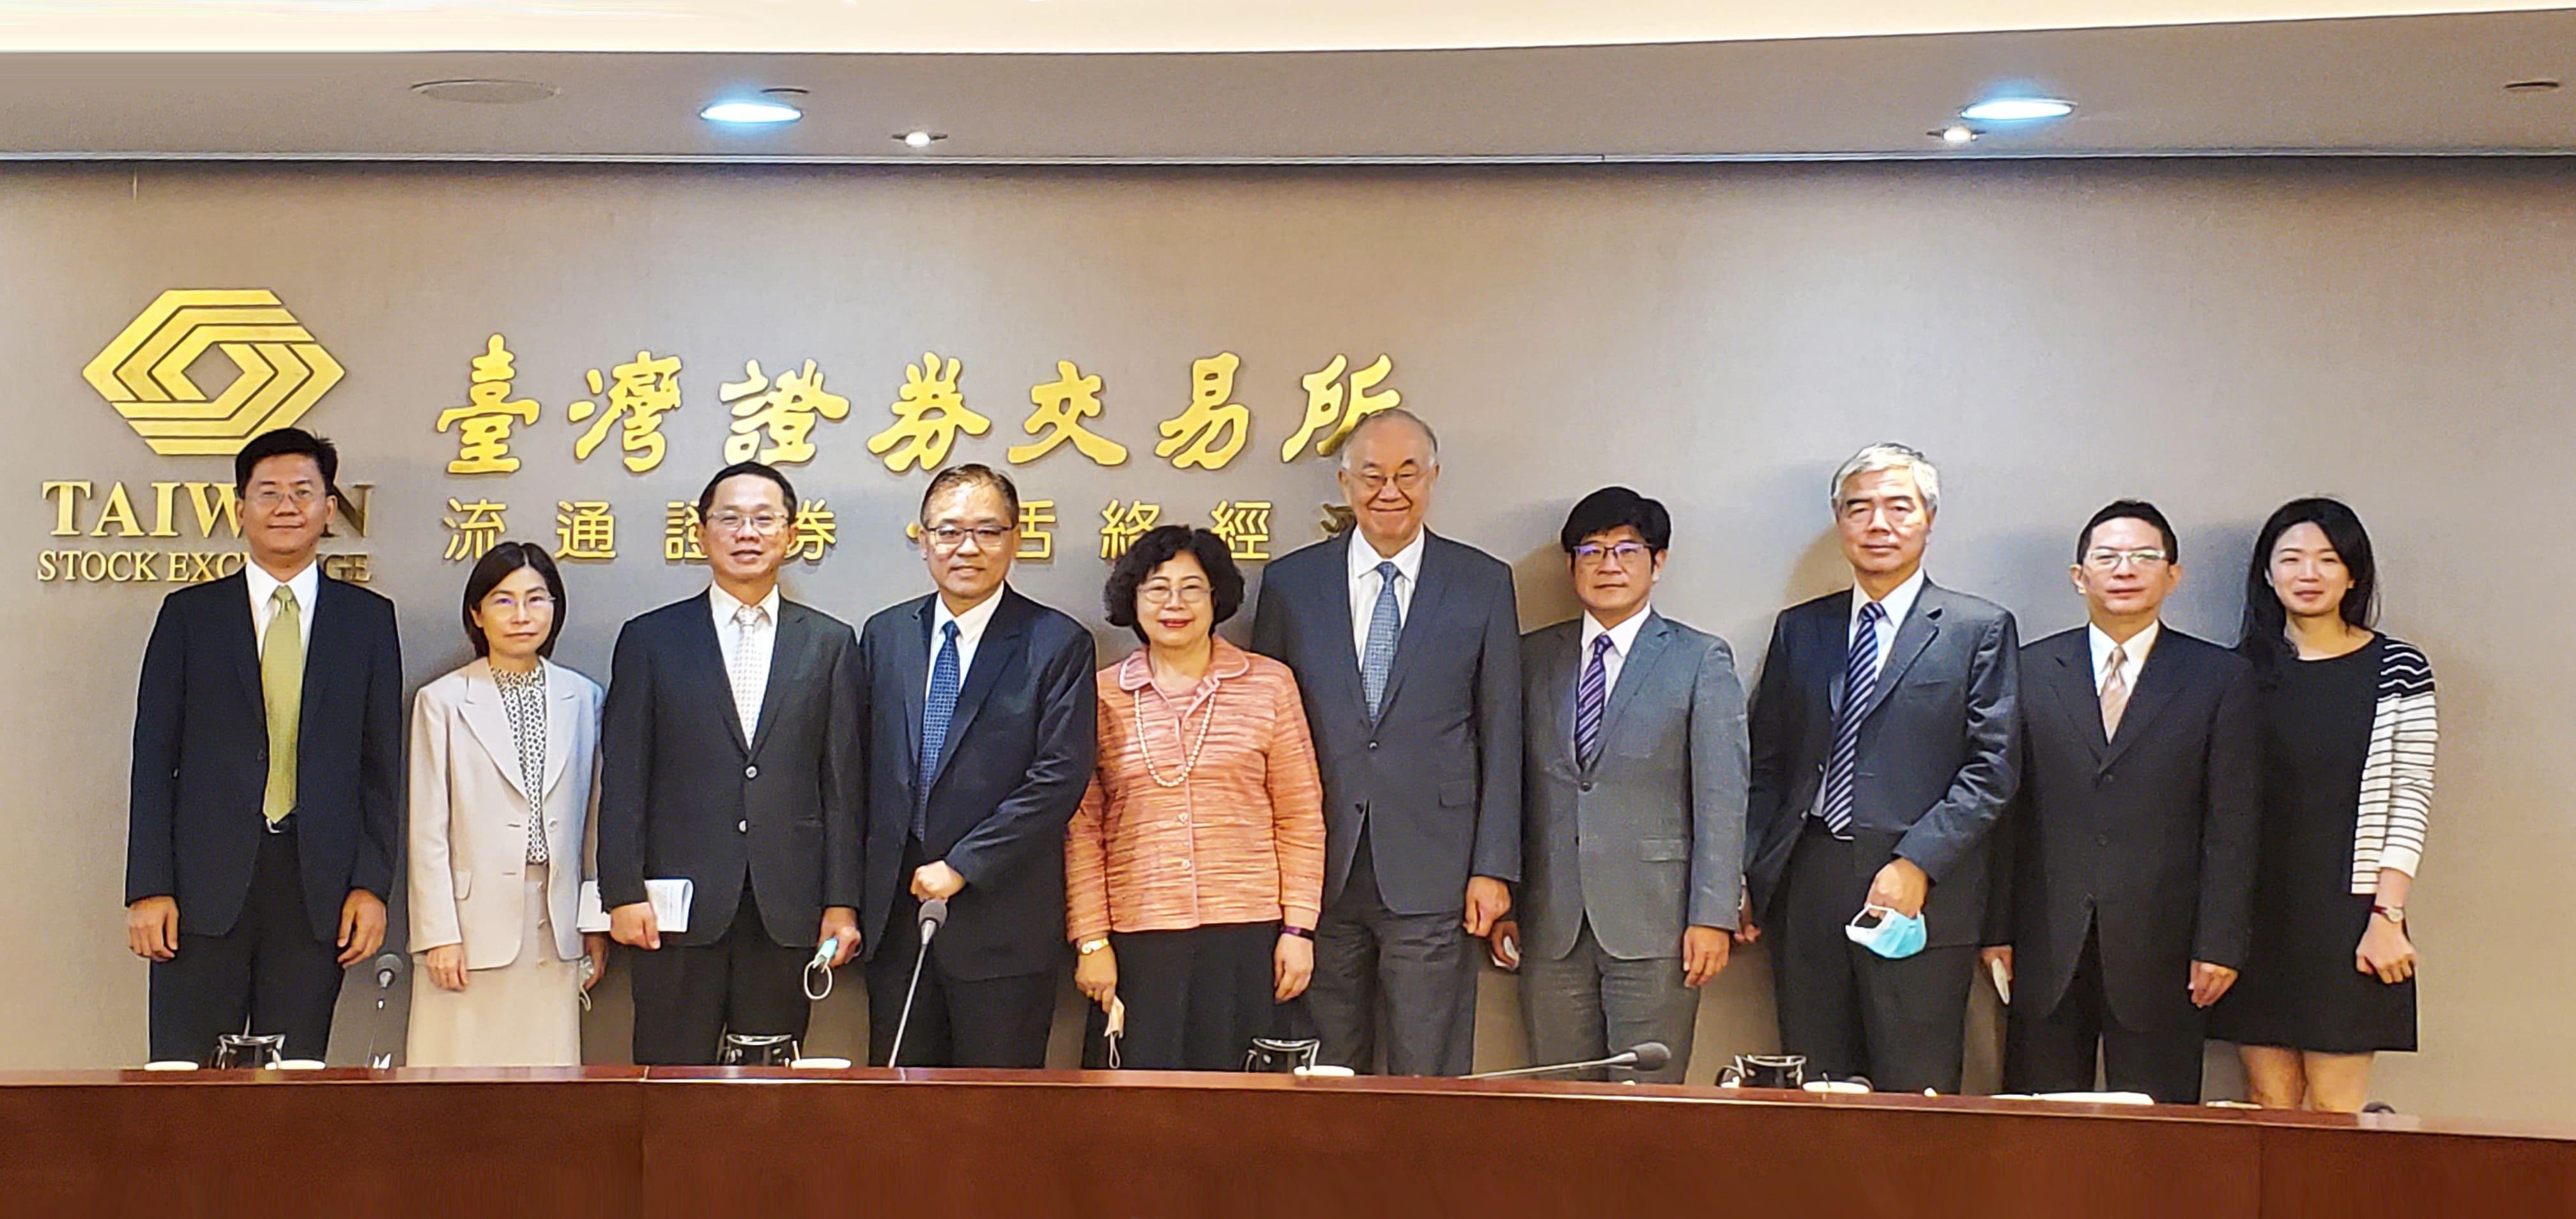 中華獨立董事協會拜訪證交所 (1)